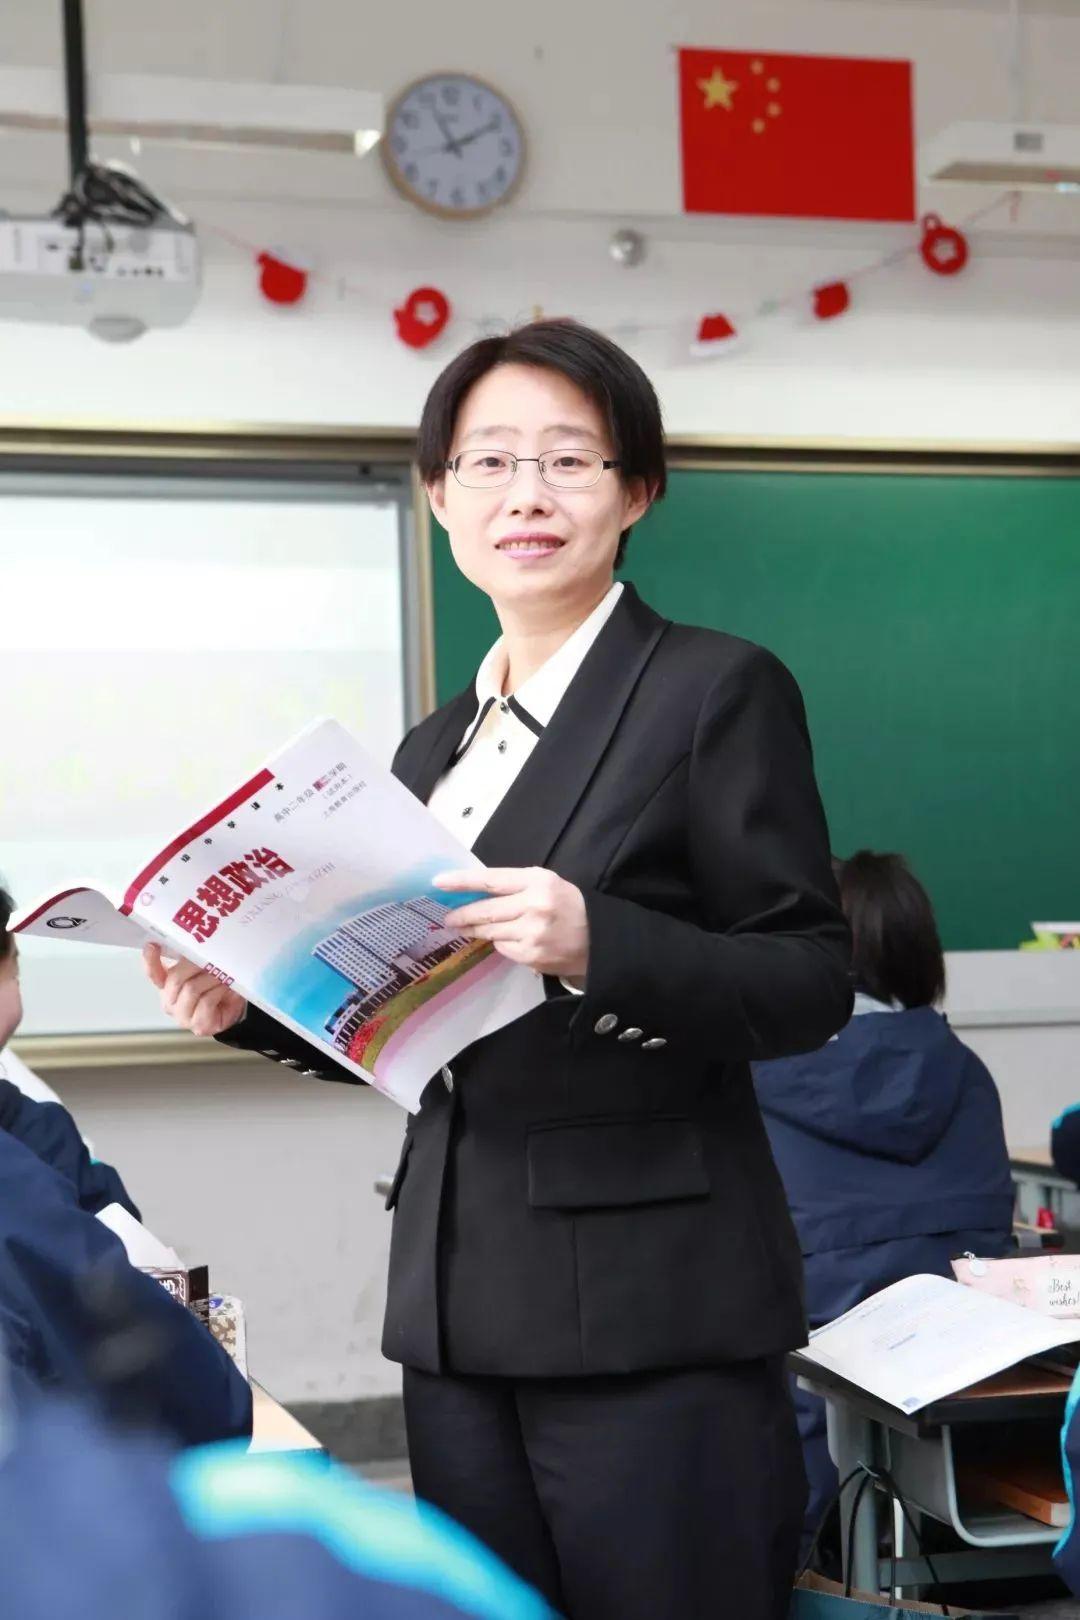 上海教育年度新闻人物揭晓!这些华东师大人当选